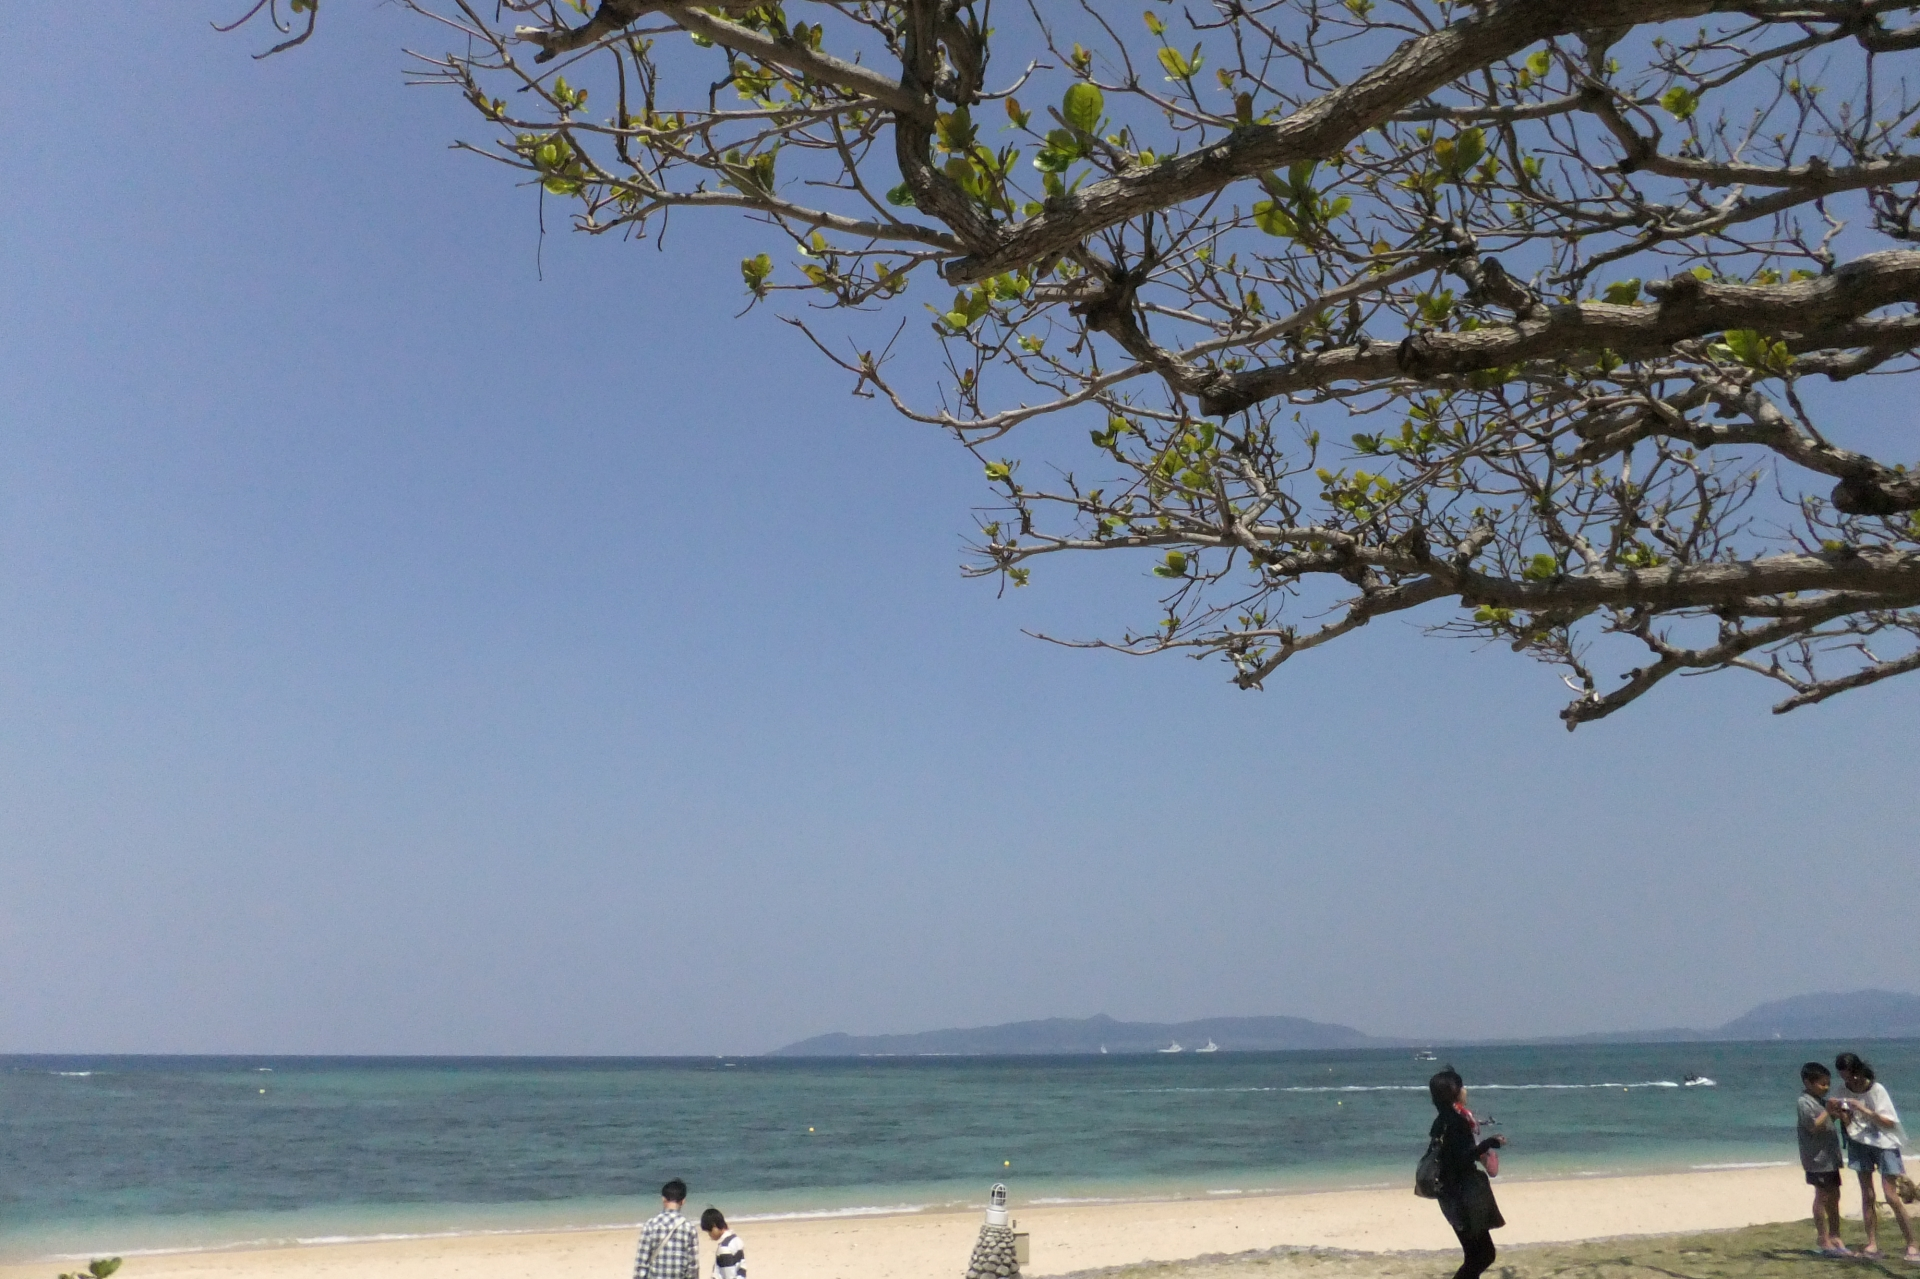 ホテル直営の石垣フサキリゾートビーチ